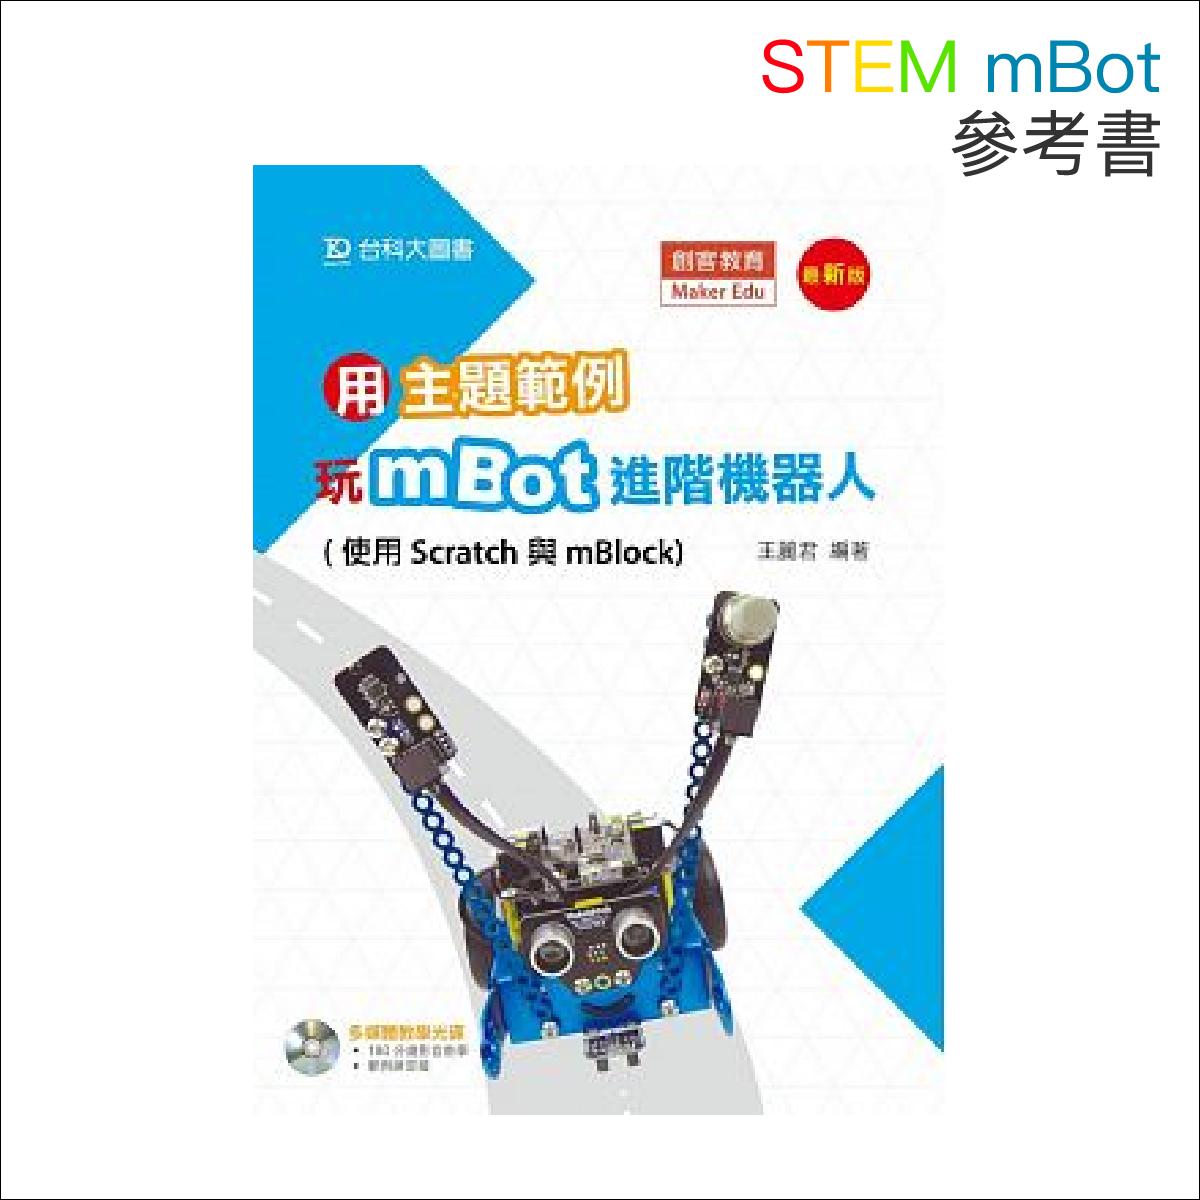 用主題範例玩mBot進階機器人(使用Scratch與mBlock)-最新版-參考書